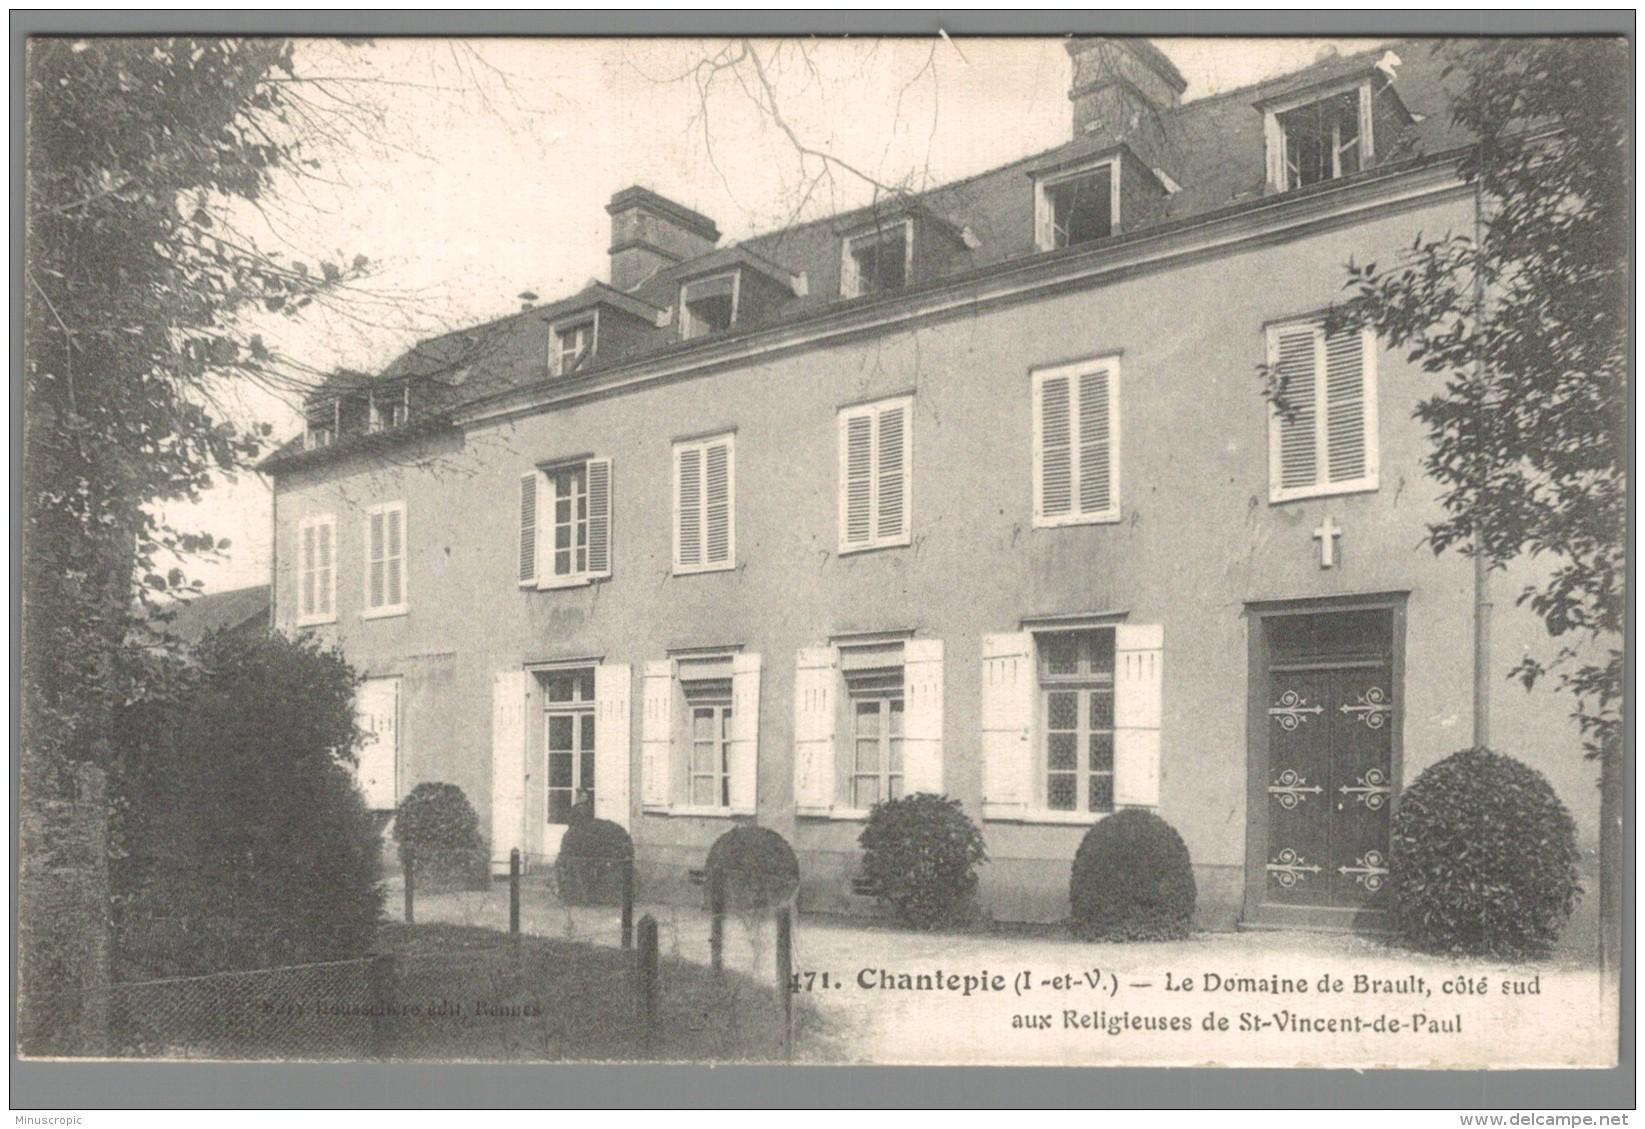 CPA 35 - Chantepie - Le Domaine De Brault Coté Sud Aux Religieuses De Saint Vincent De Paul - France